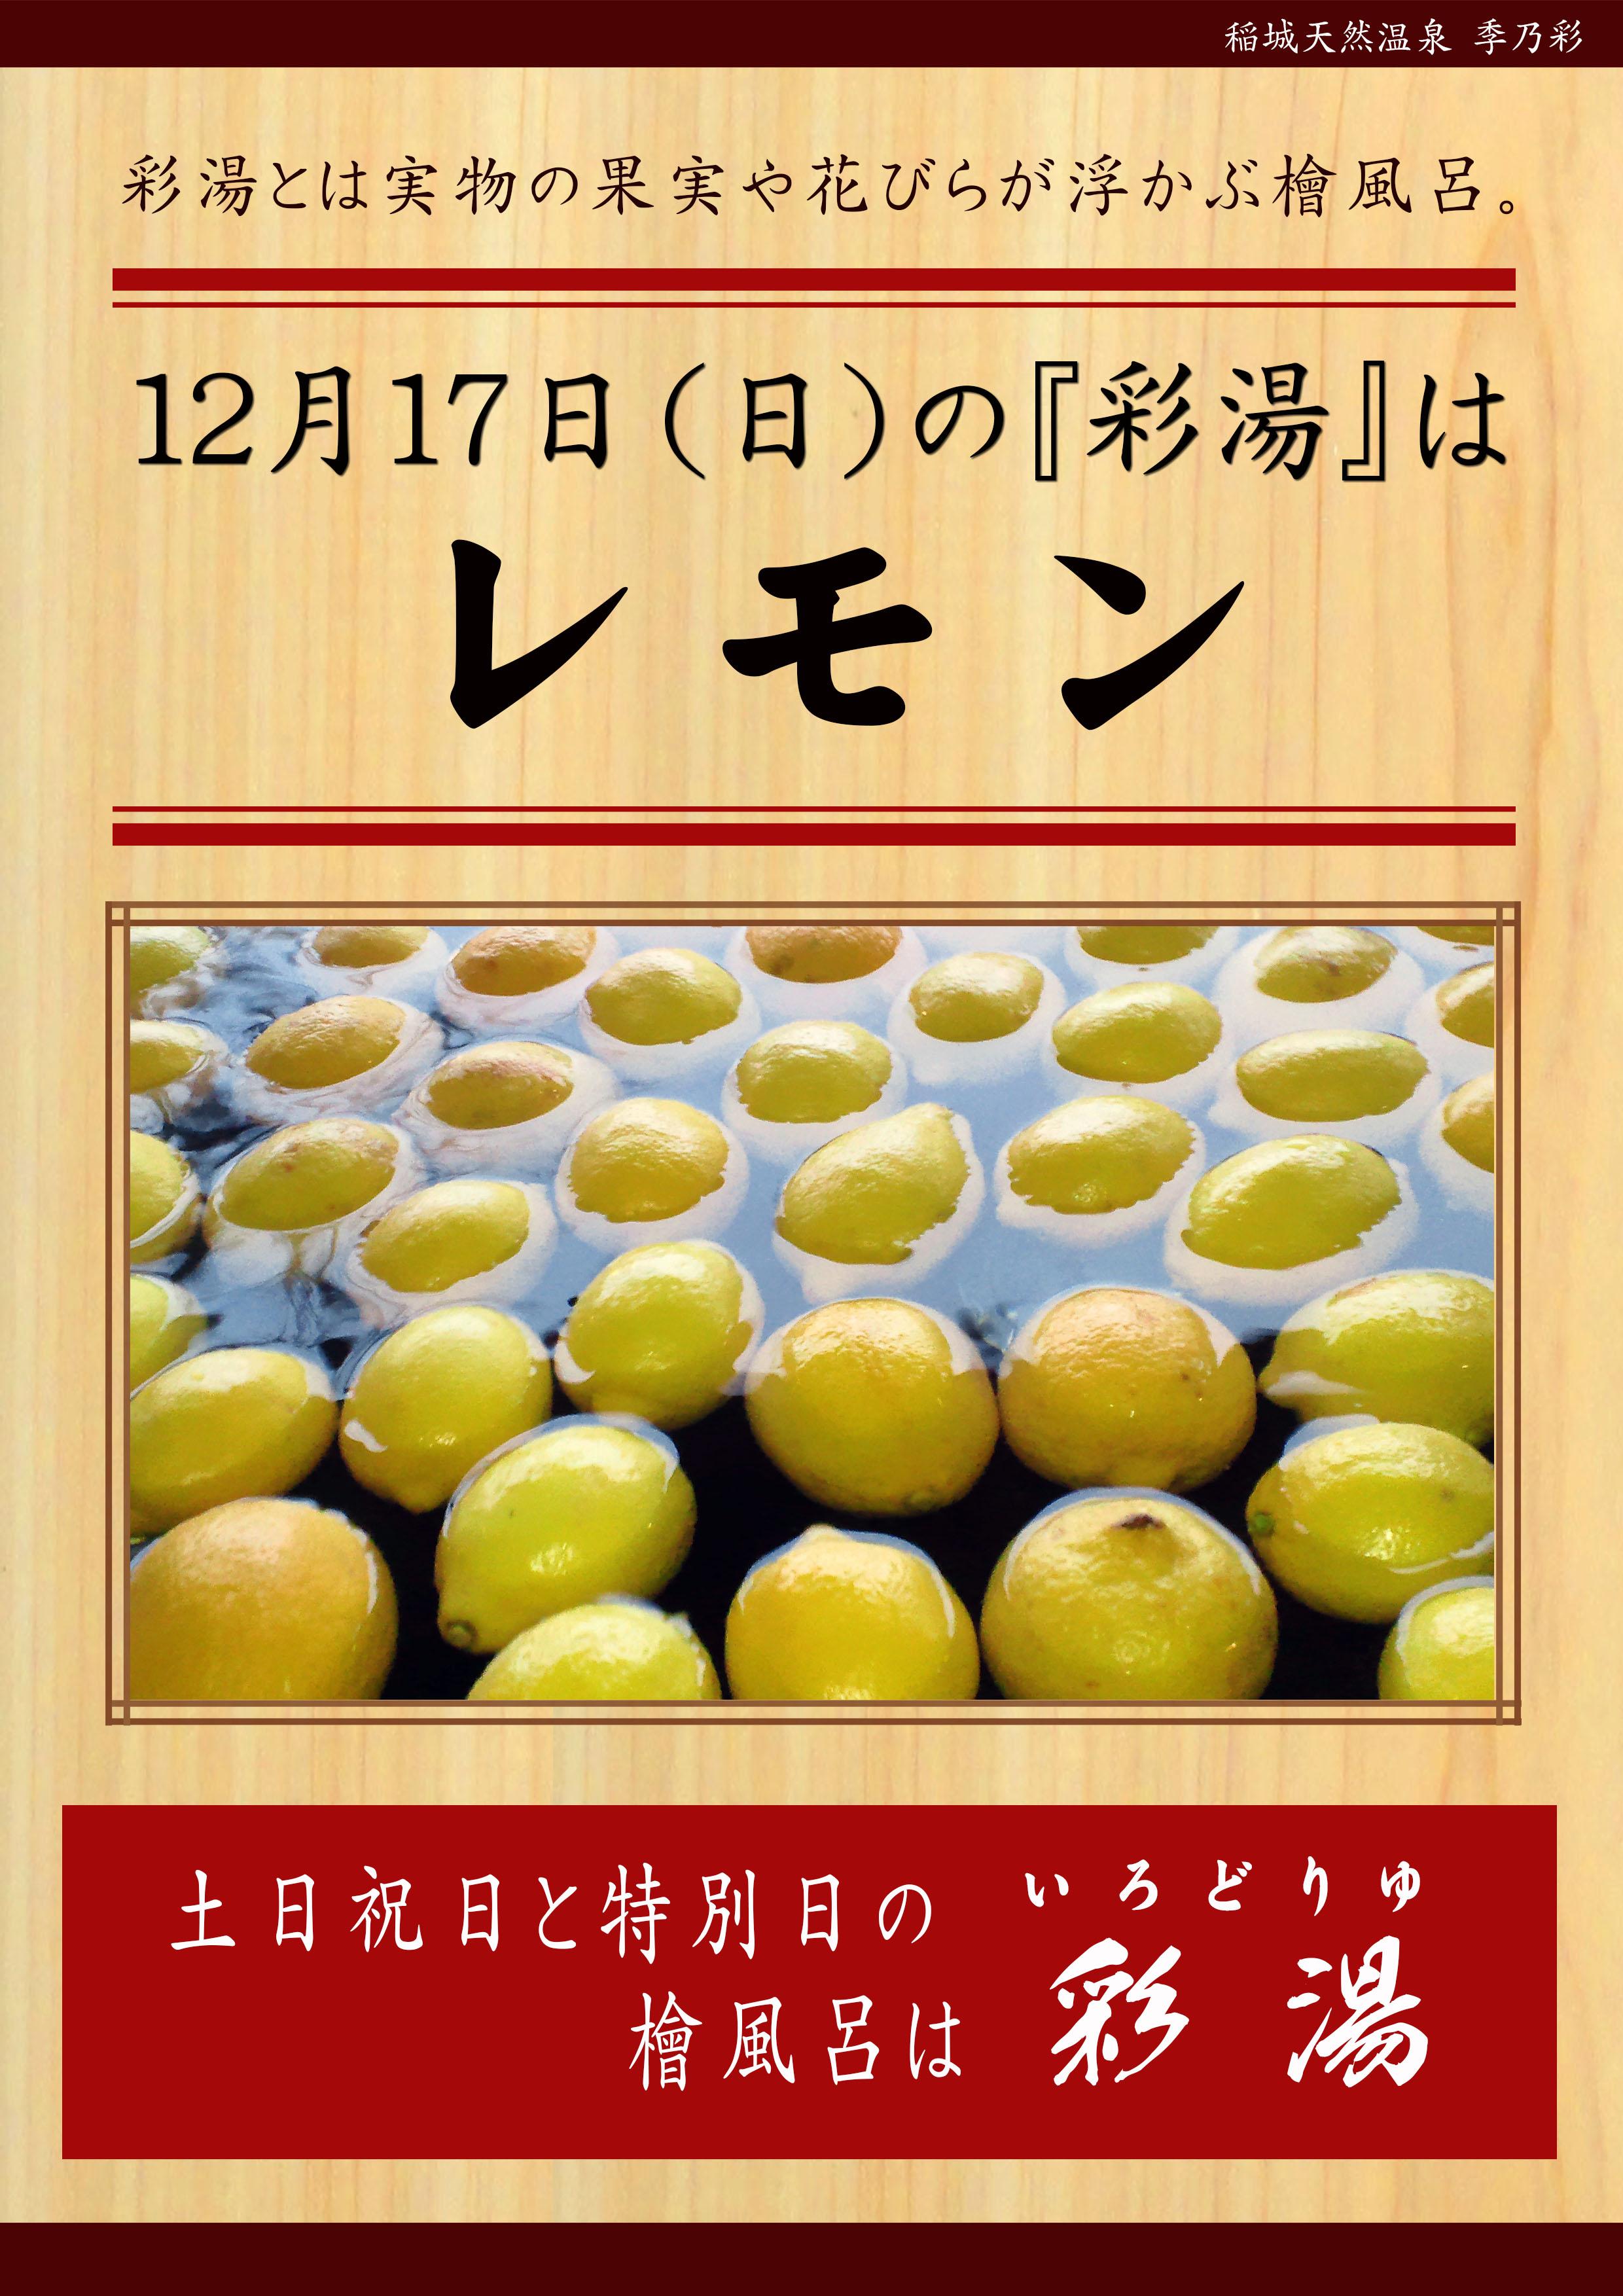 20171217POP イベント 彩湯 レモン